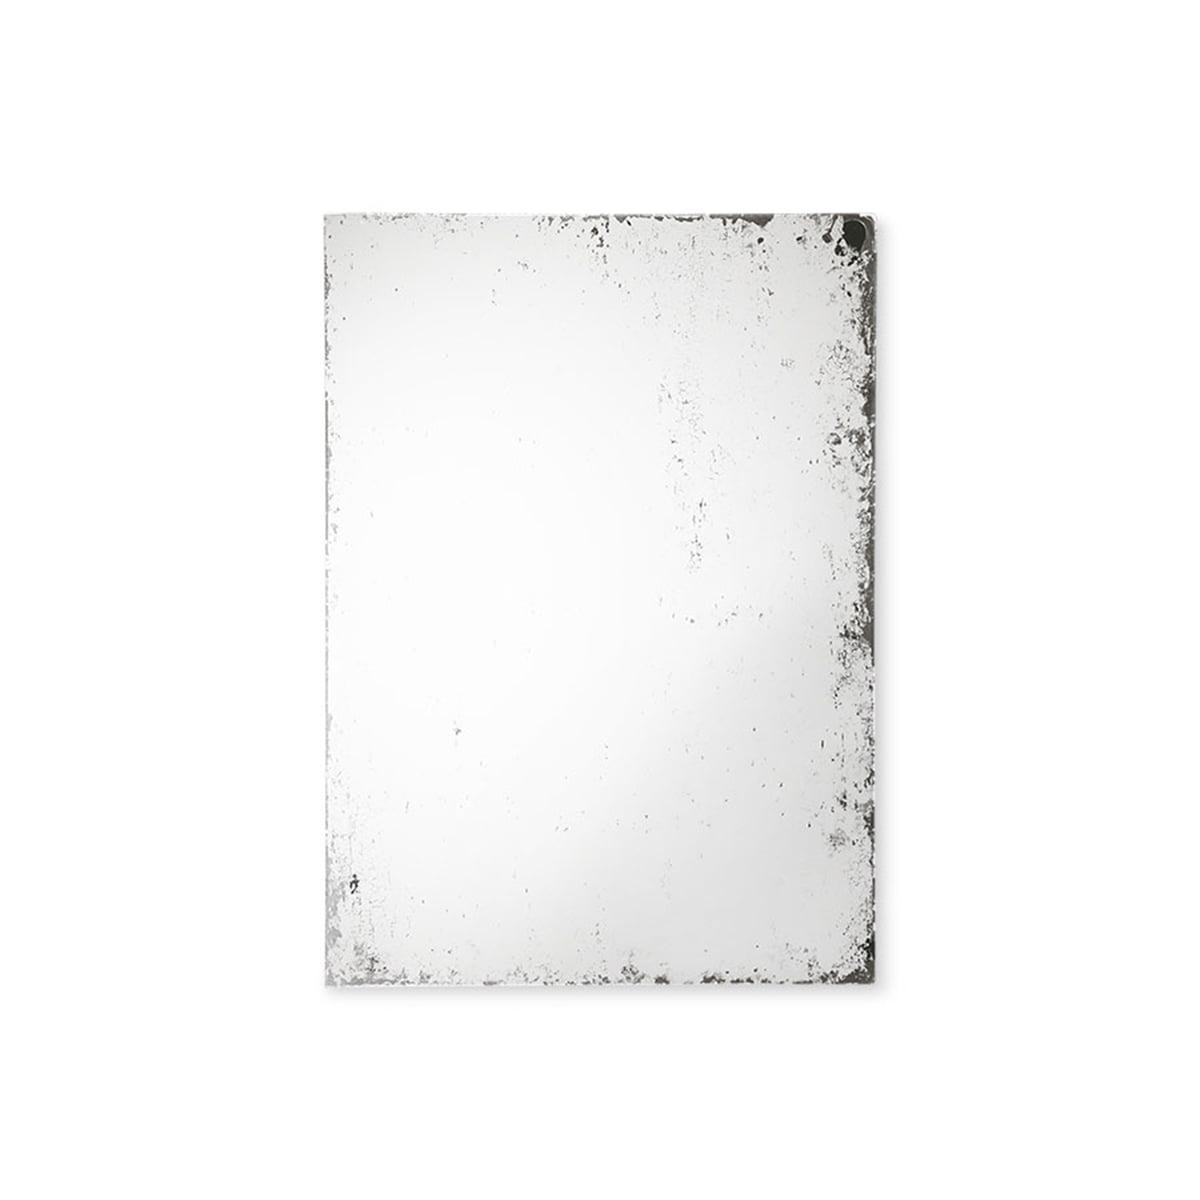 HKliving - Antik Optik Spiegel L, 60 x 80 cm